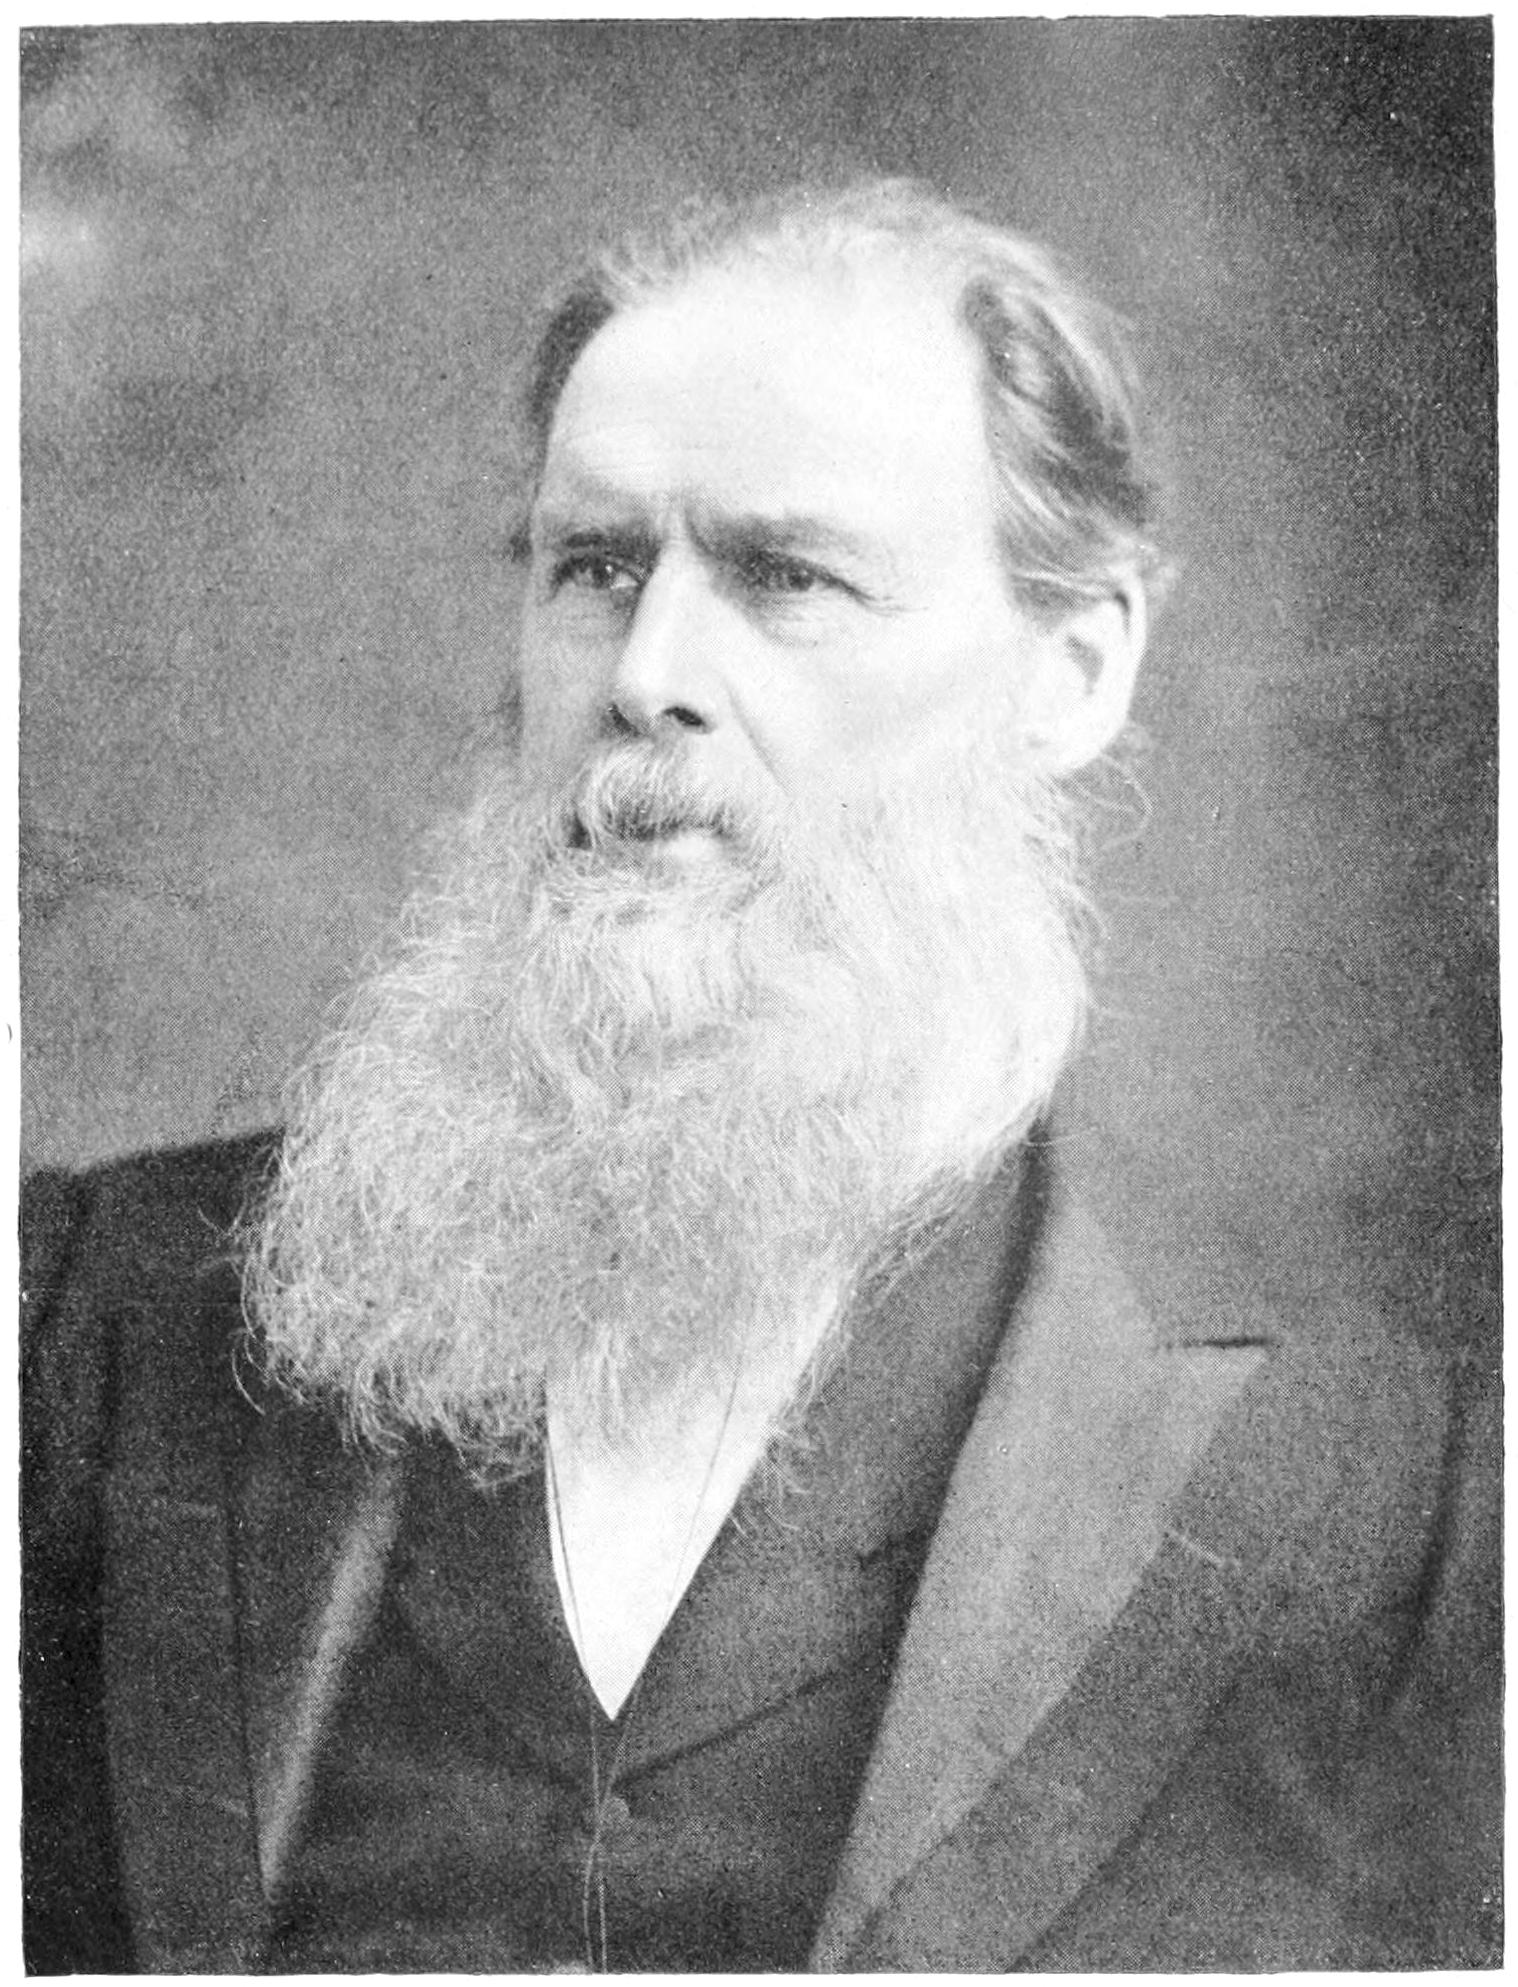 a biography of edward taylor Frederick winslow taylor (germantown, pennsylvania, 1856 - filadelfia, 1915) ingeniero norteamericano que ideó la organización científica del trabajo.